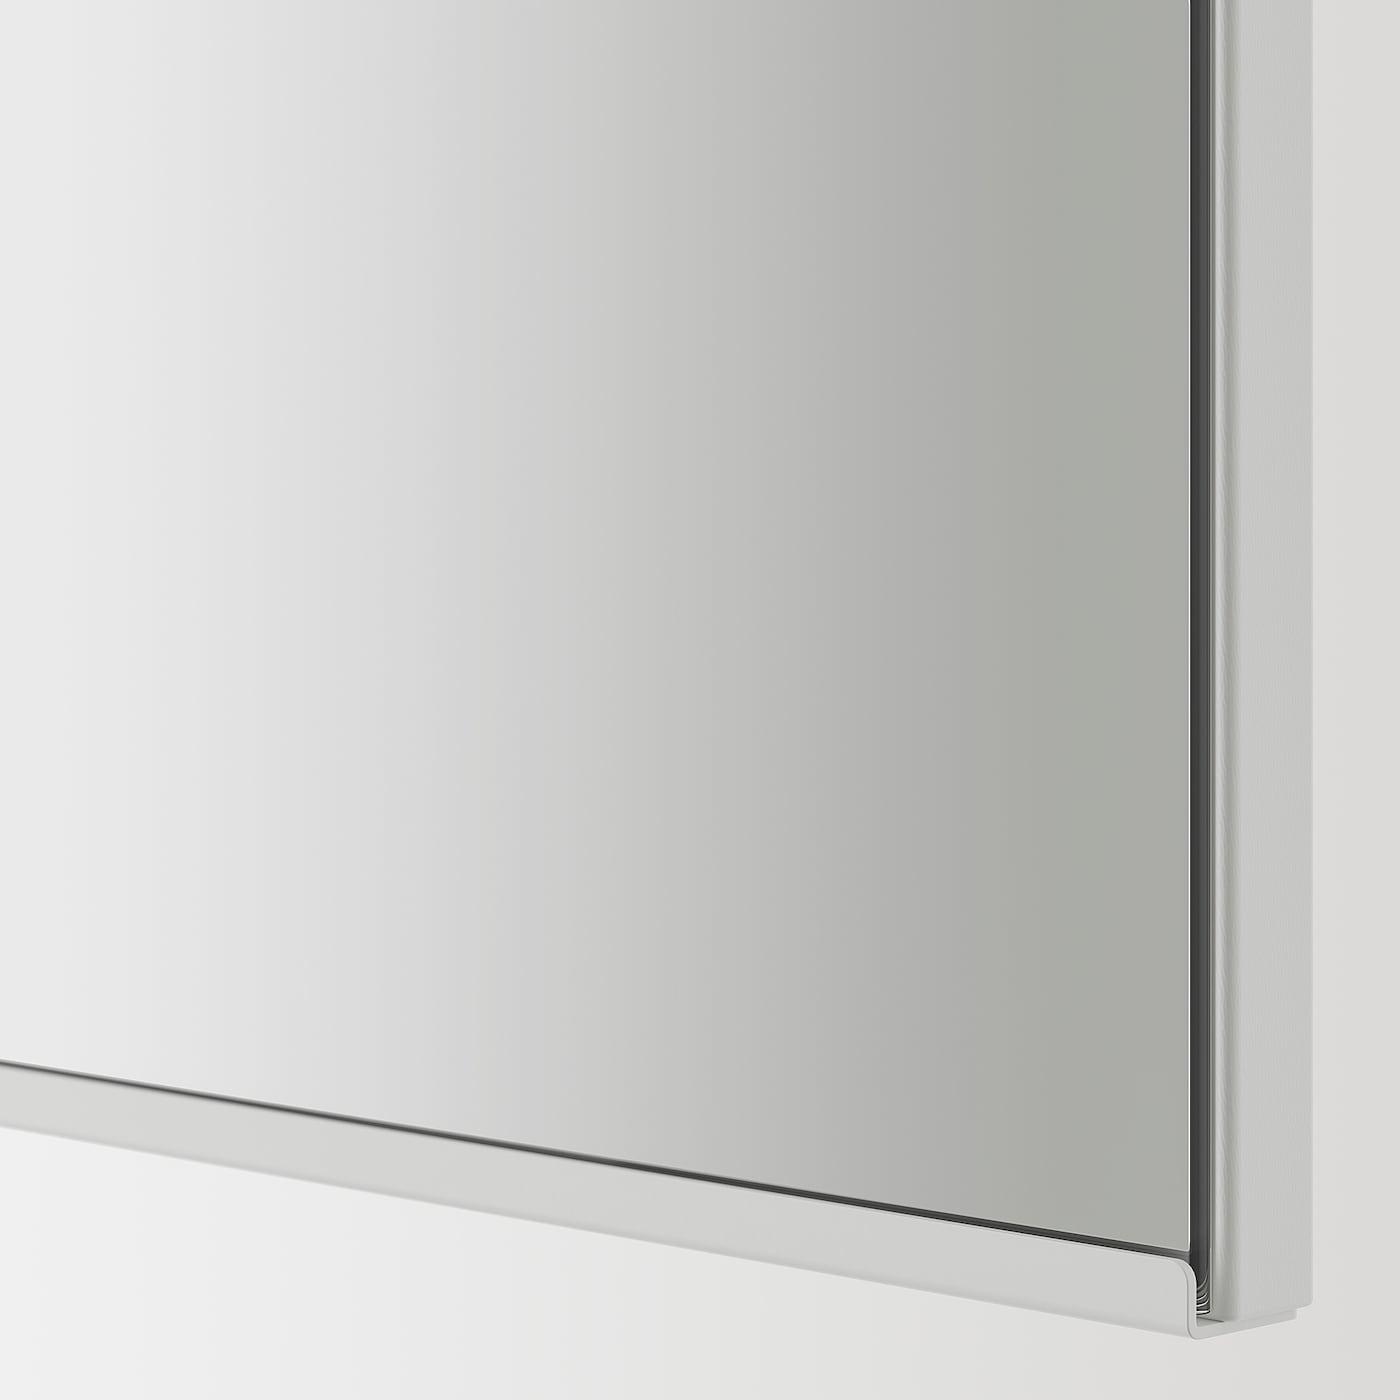 ENHET Spiegelkast met 1 deur, wit, 40x17x75 cm